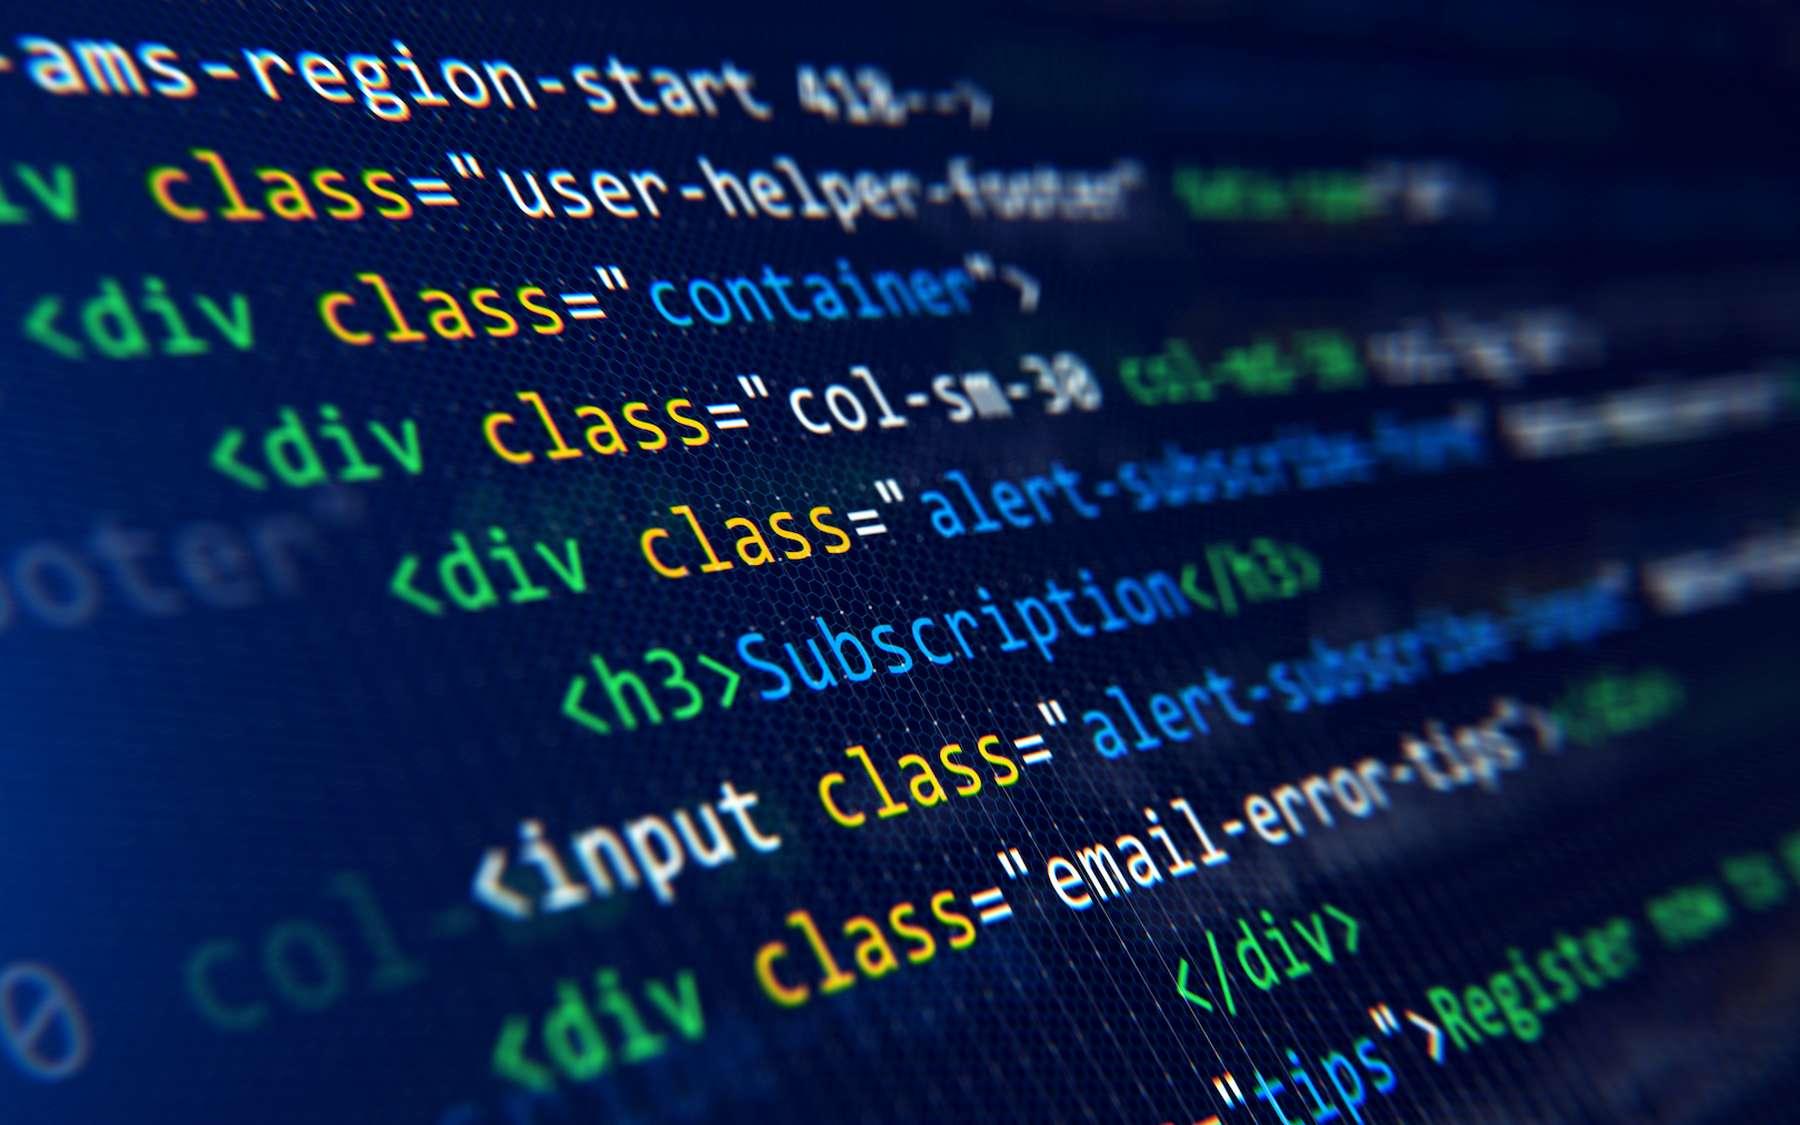 Le code HTML est l'un des premiers langages informatiques développé pour l'affichage de pages web. © Sashkin, Adobe Stock